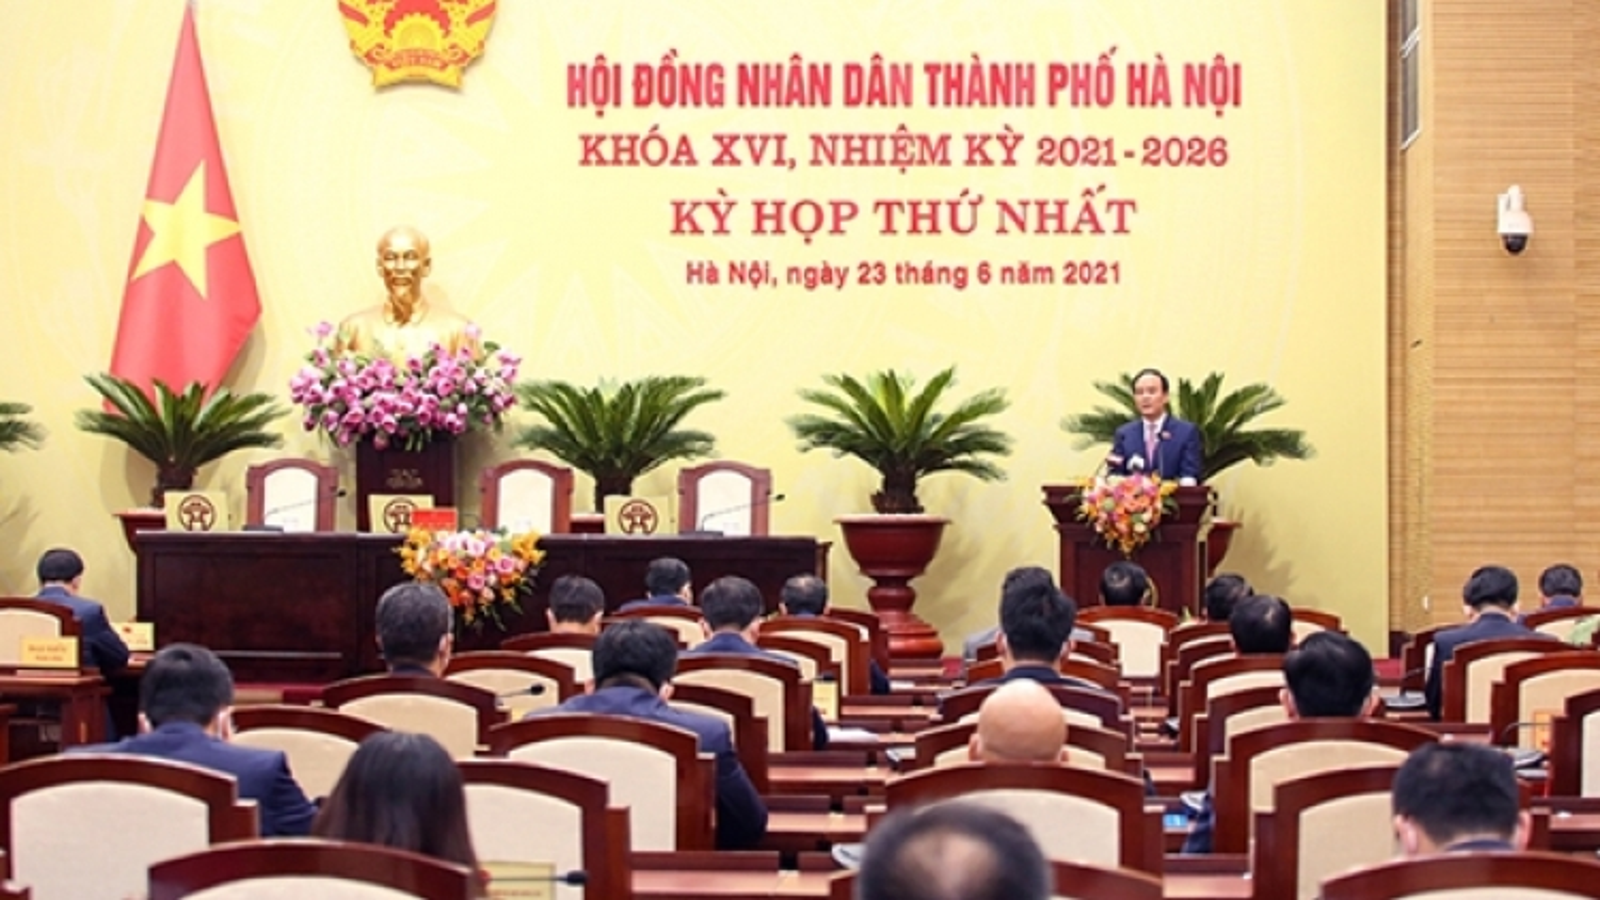 HĐND Thành phố Hà Nội tiếp tục hoãn kỳ họp thứ 2